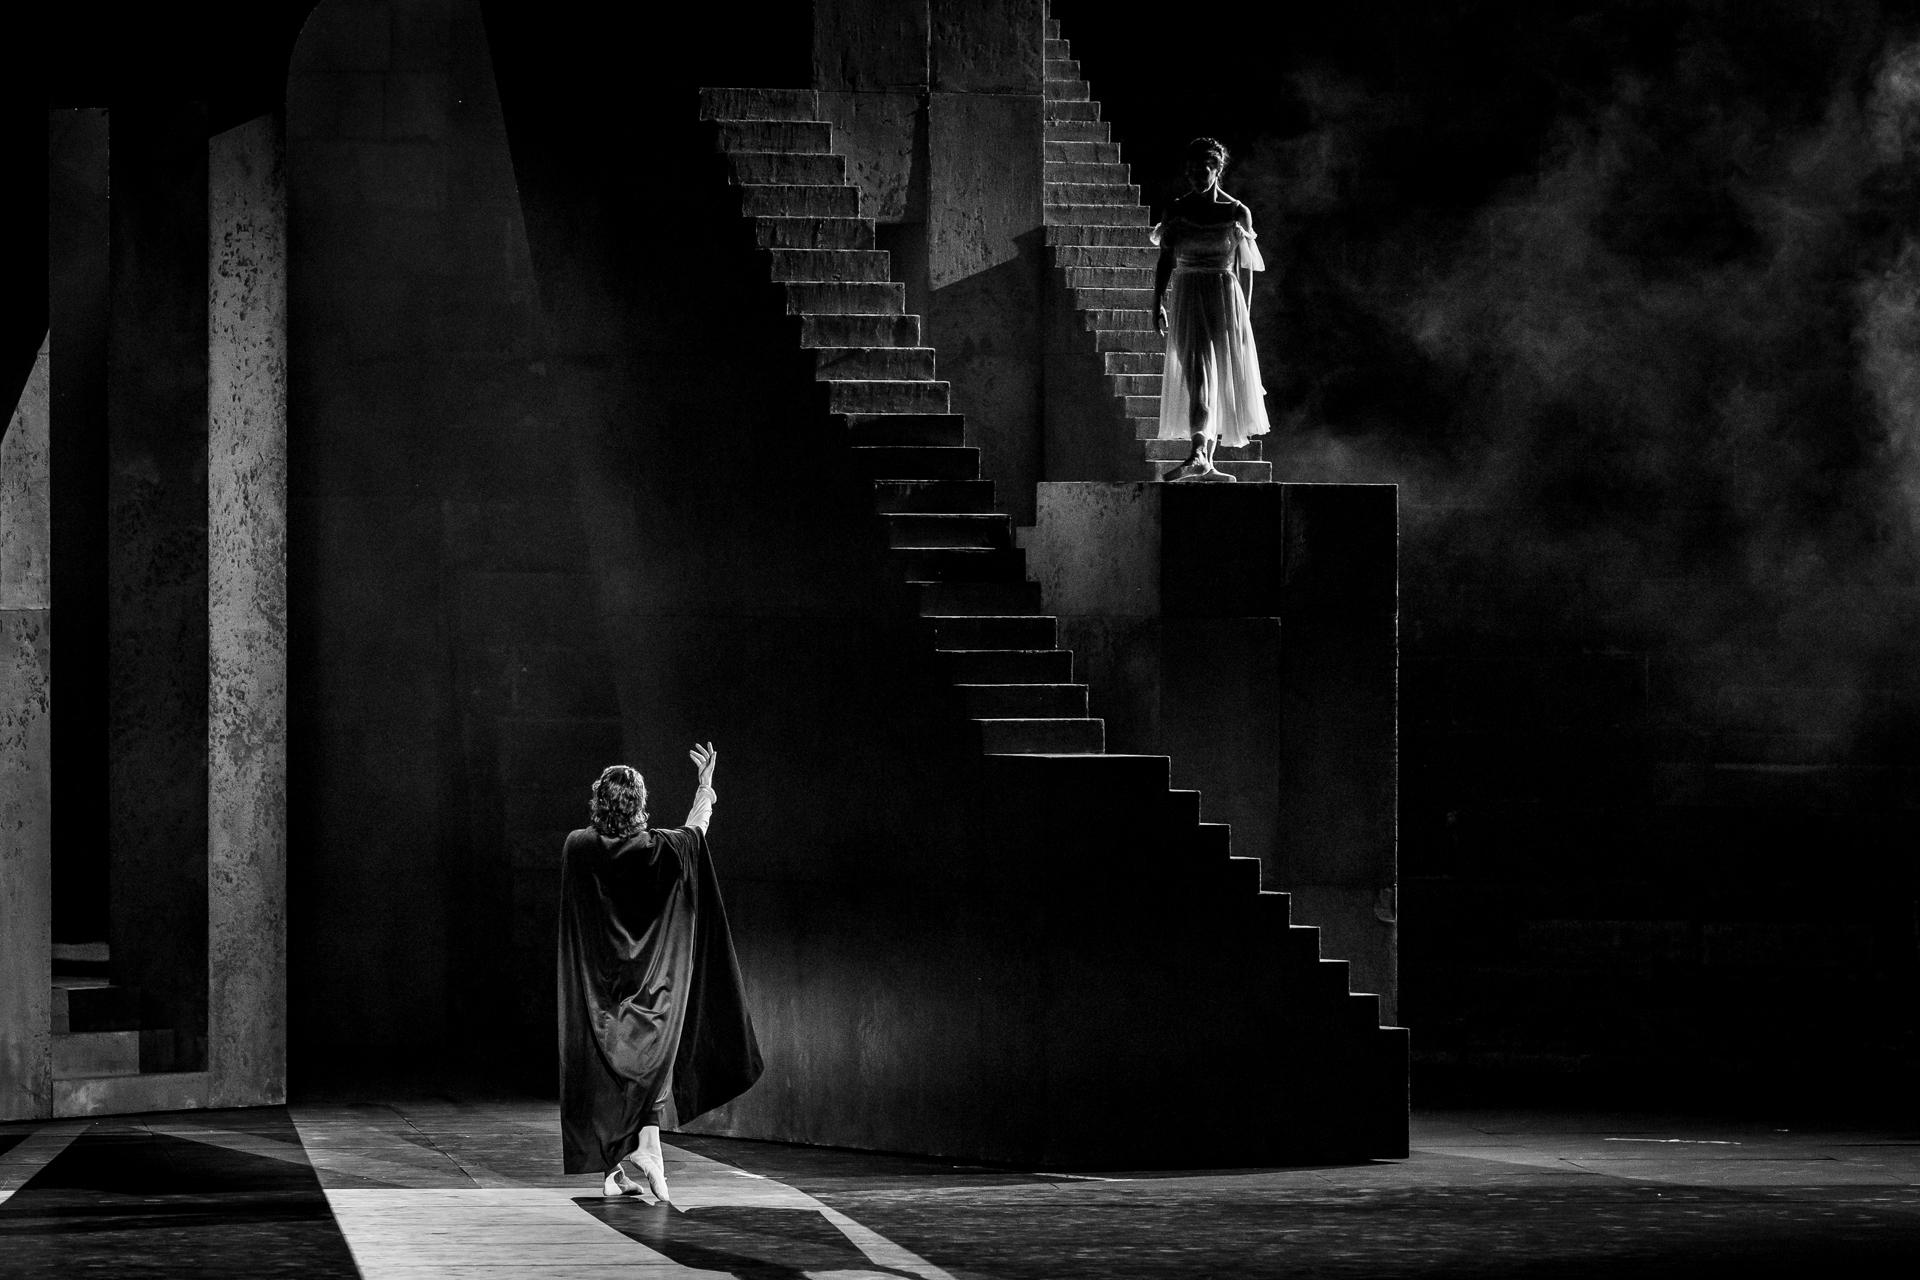 2019_08_26-Romeo-and-Juliet-©-Luca-Vantusso-215034-EOSR9805